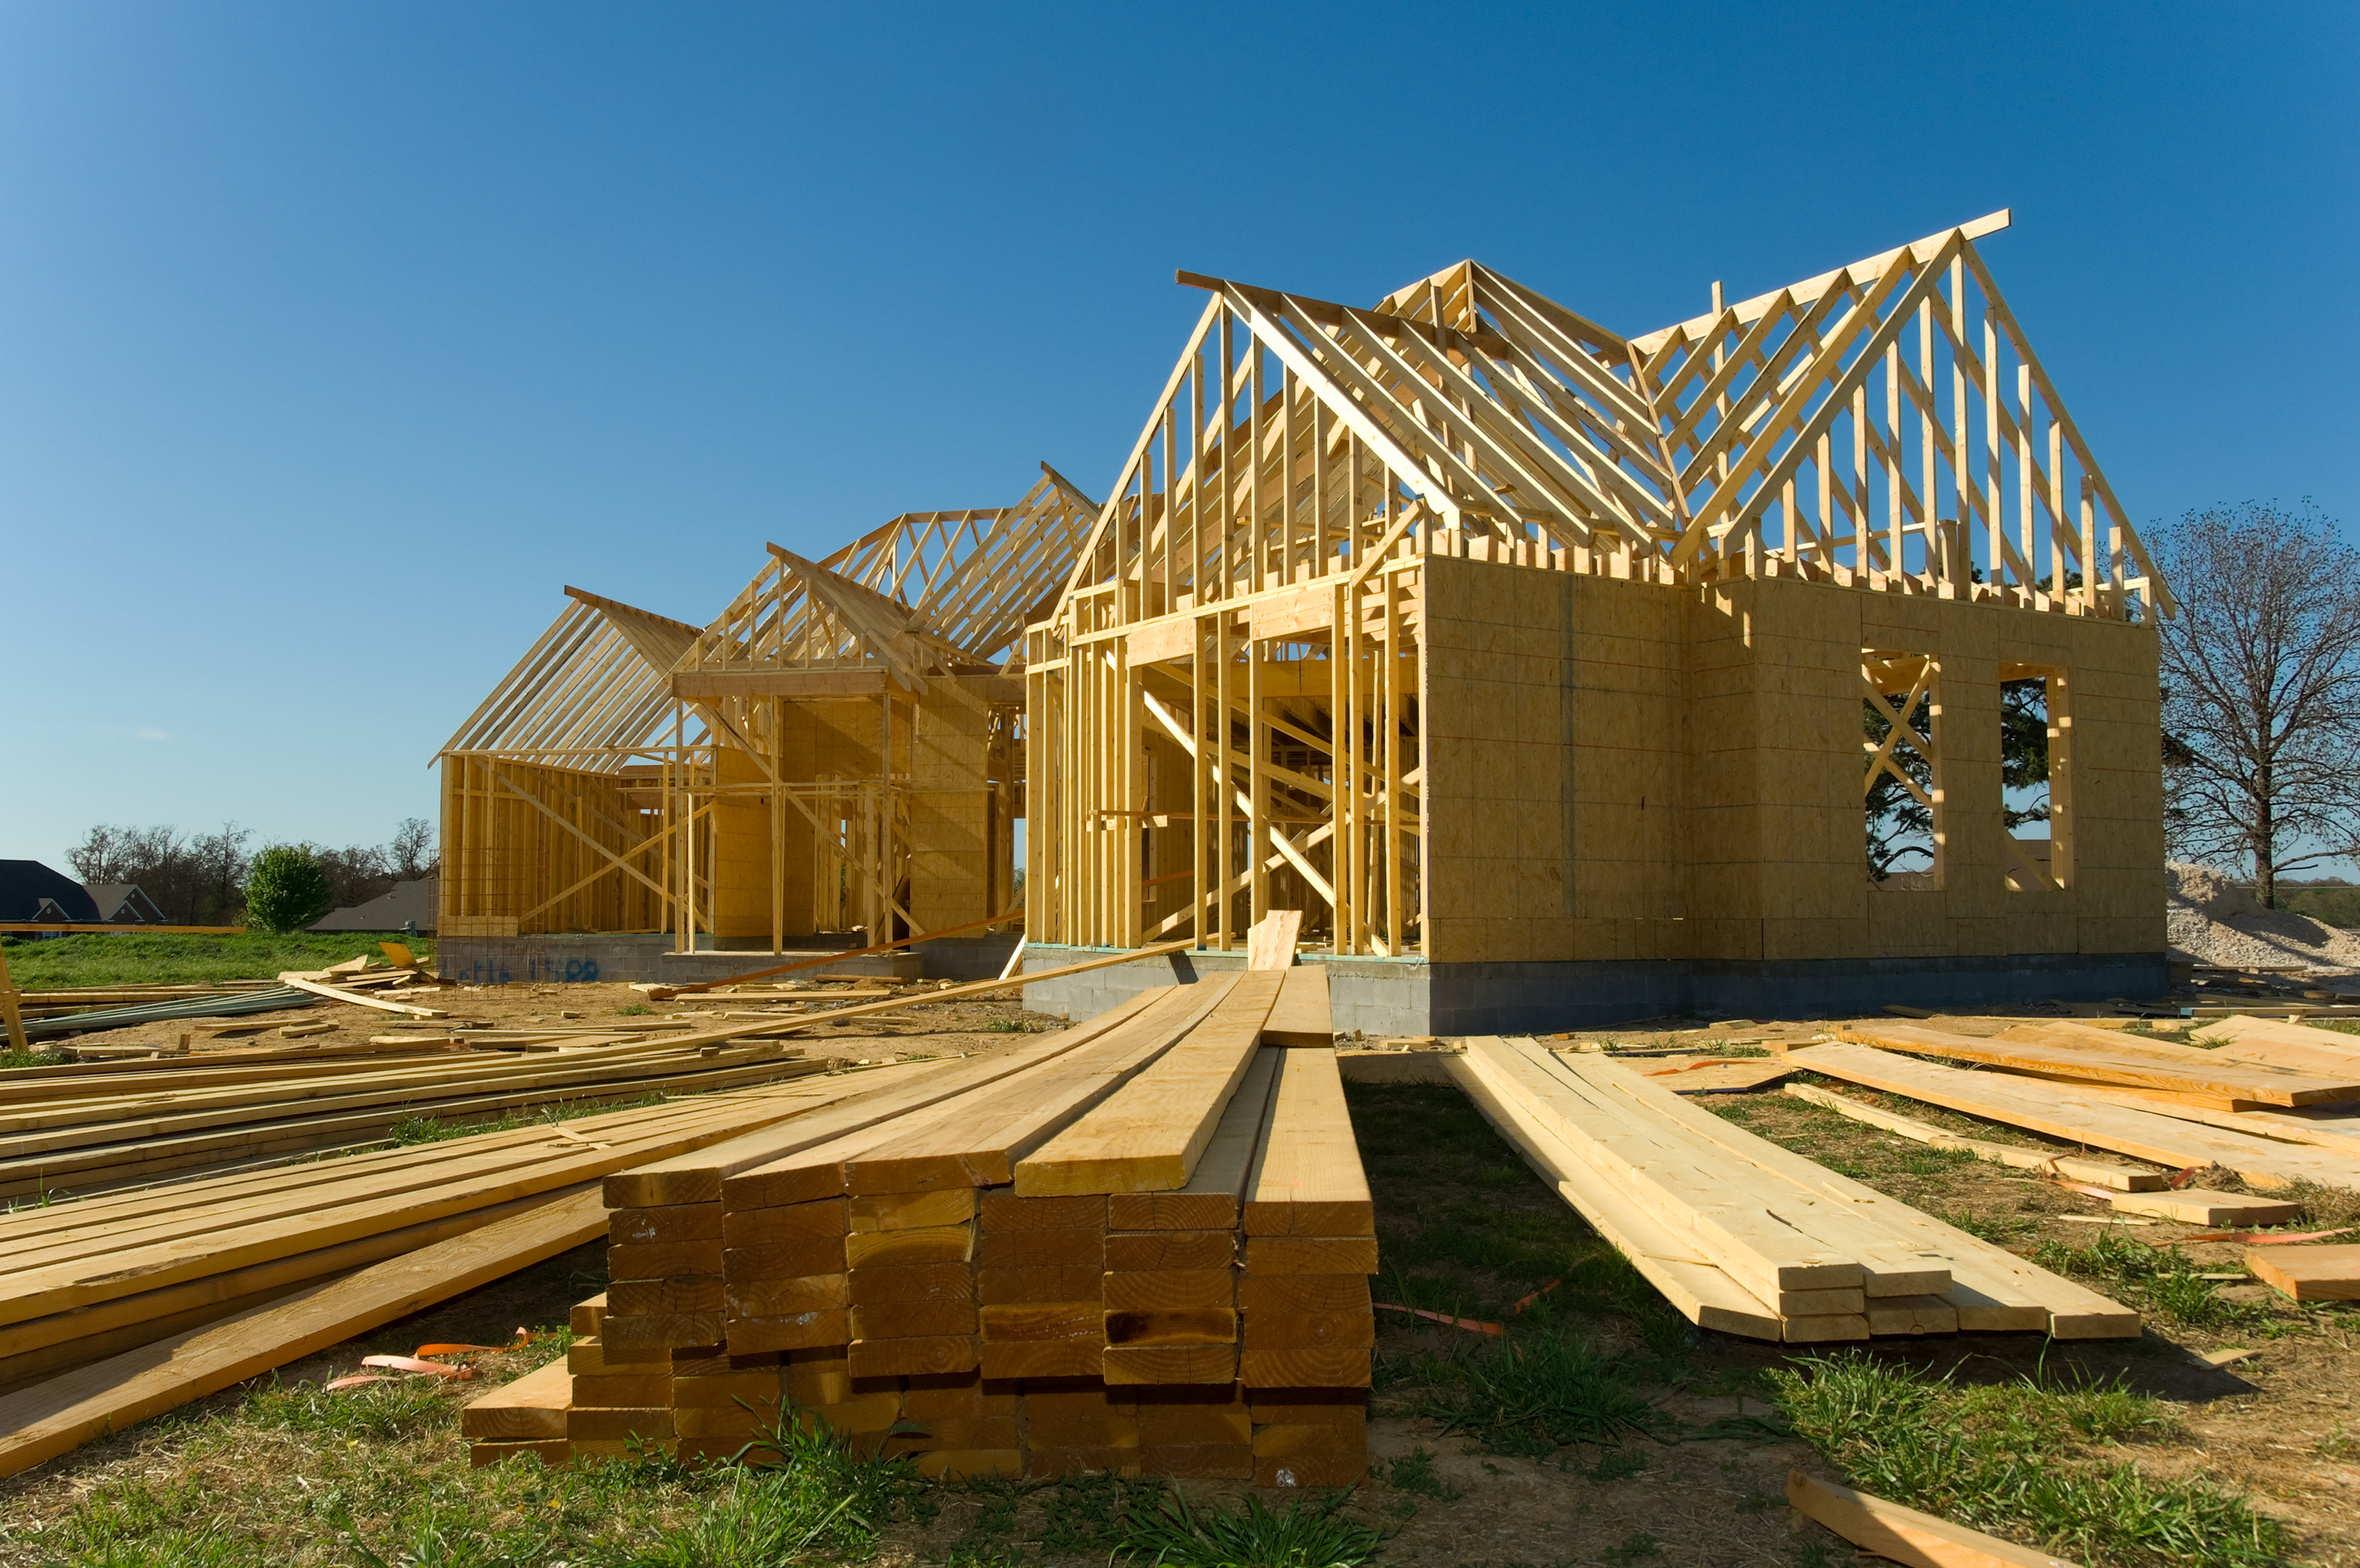 Maison bois toutes les techniques de construction for Maison construction